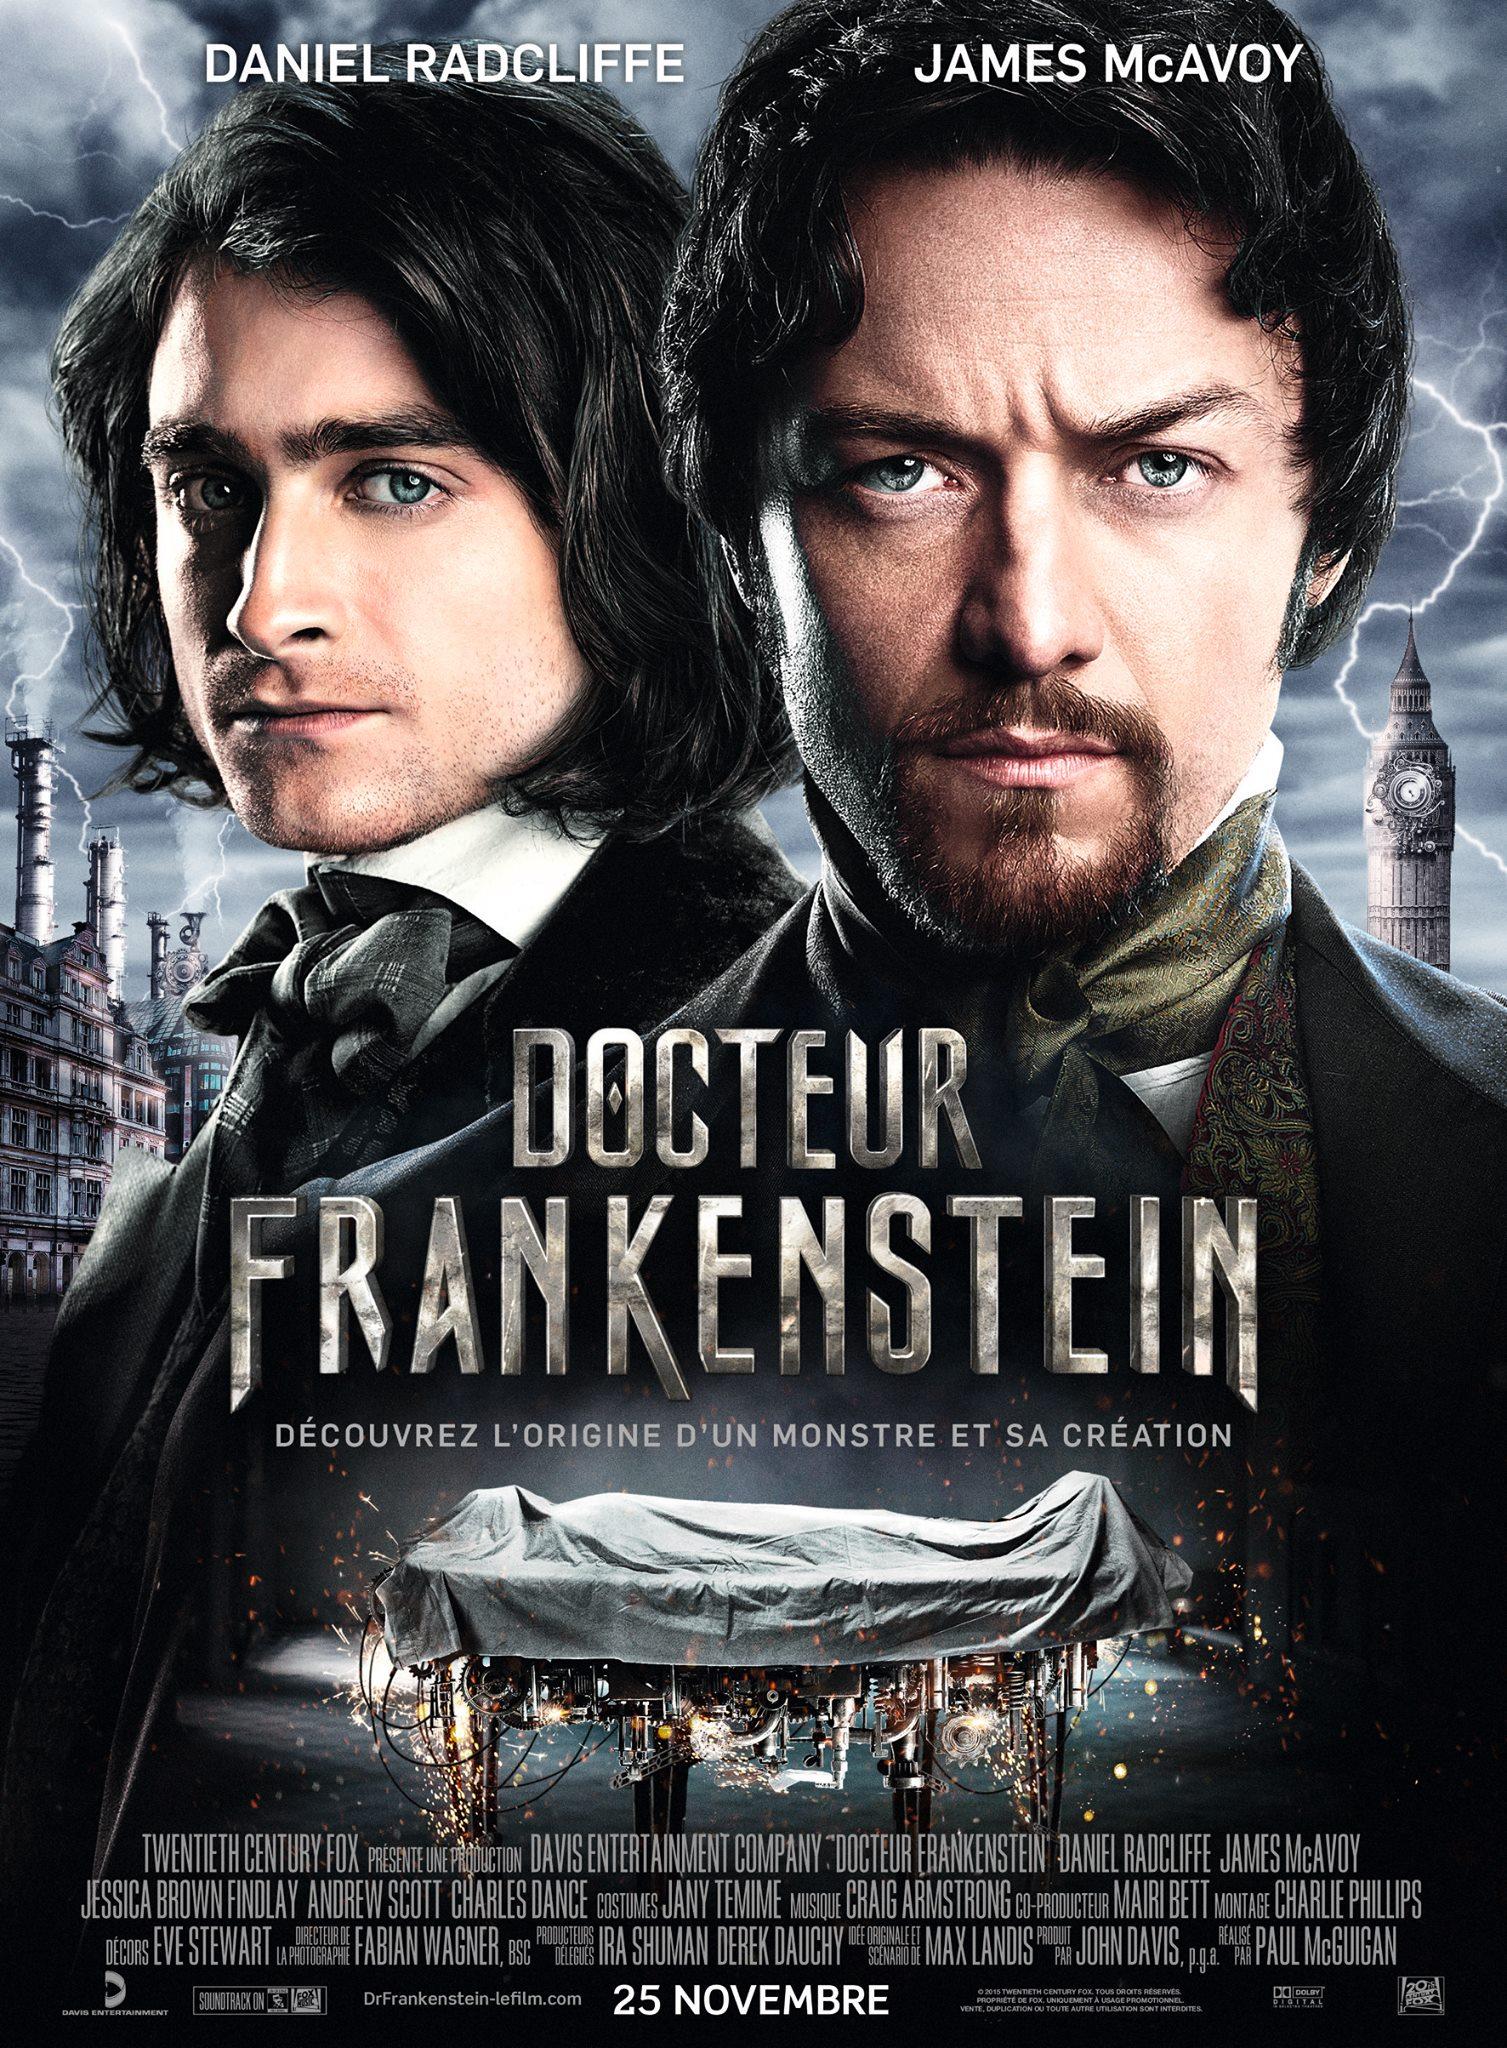 دانلود فیلم Victor Frankenstein 2015 با دوبله فارسی